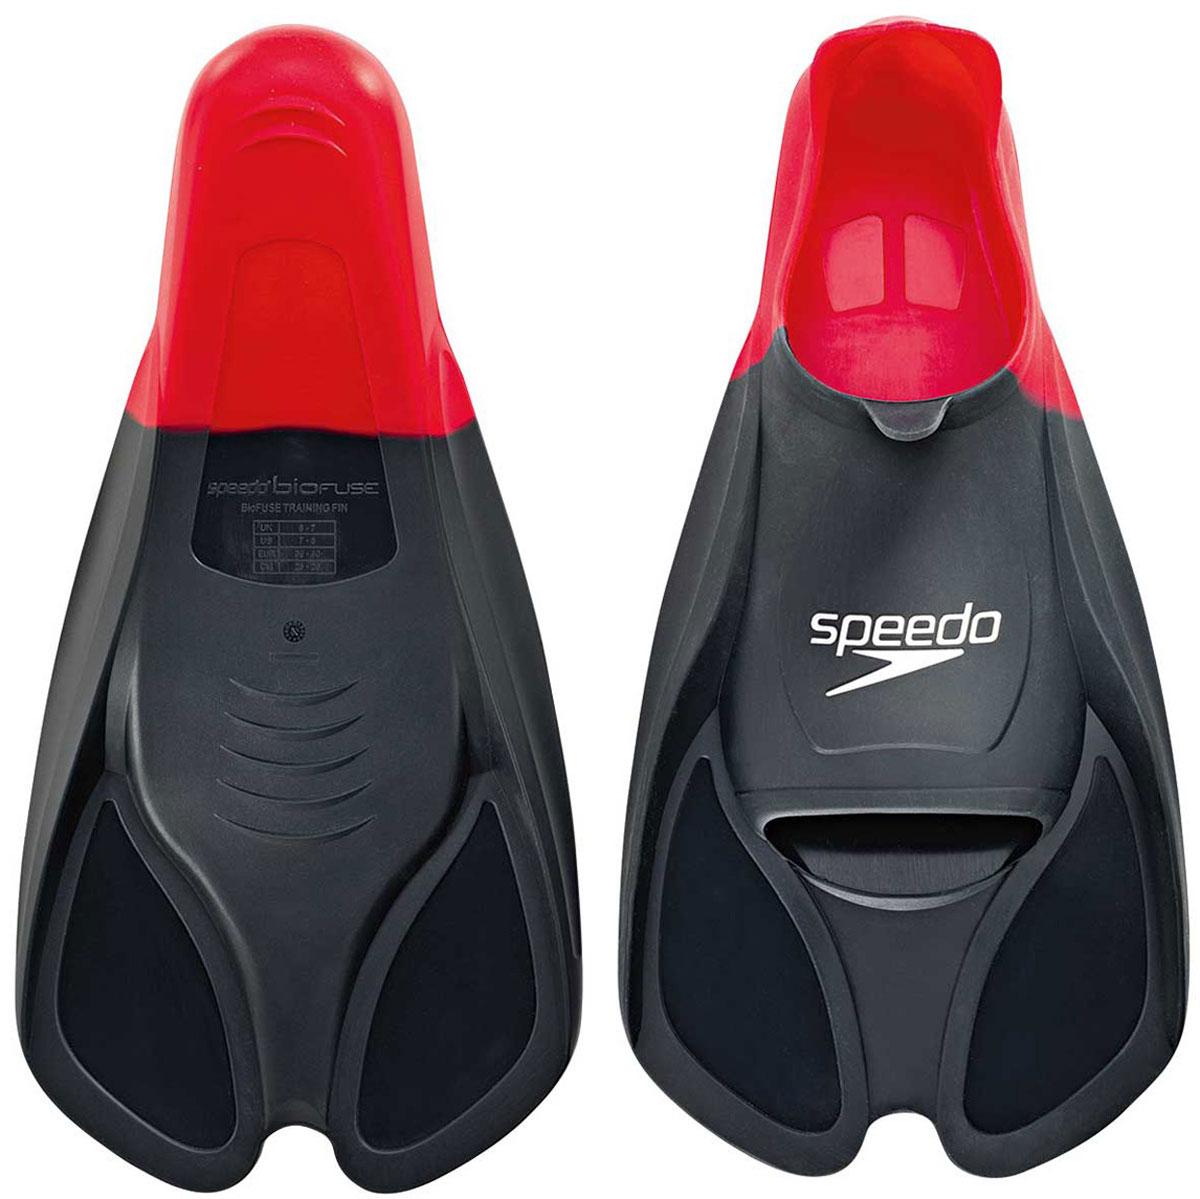 Ласты для плавания Speedo, цвет: красный. Размер 10-11. 8-0884139918-088413991_красный(10-11)Ласты Speedo Biofuse Training Fins являются незаменимым аксессуаром для тренировкисилы ног, при создании которого использовалась технология SpeedoBiofuse®.Неслучайно эти ласты для плавания предпочитает использовать многократныйолимпийский чемпион Майкл Фелпс.Достаточно жесткие лопасти позволяют создать мощную тягу в воде приестественном темпе работы ног. Специальный узор на поверхности подошвыпозволяет получить надежное сцепление с поверхностью бассейна. Формабашмака Speedo Biofuse Training Fin способствует развитию гибкости стопы, чтопозволяет сделать работу ног более эффективной.Башмак изготовлен из мягкого силикона, который не натирает кожу и прекраснорастягивается. Ласты для плавания Speedo Biofuse Tech Fin отлично подходят длятренировки работы ног в спринте, а также для повышения качества работы ног вовремя обучения плаванию. Специалисты Proswim.ru рекомендуют Speedo Biofuse Training Fin спортсменам- спринтерам, а также всем, кто имеет желание увеличить силу ног. Ласты дляплавания станут вашим лучшим помощником на пути совершенствования работыног.